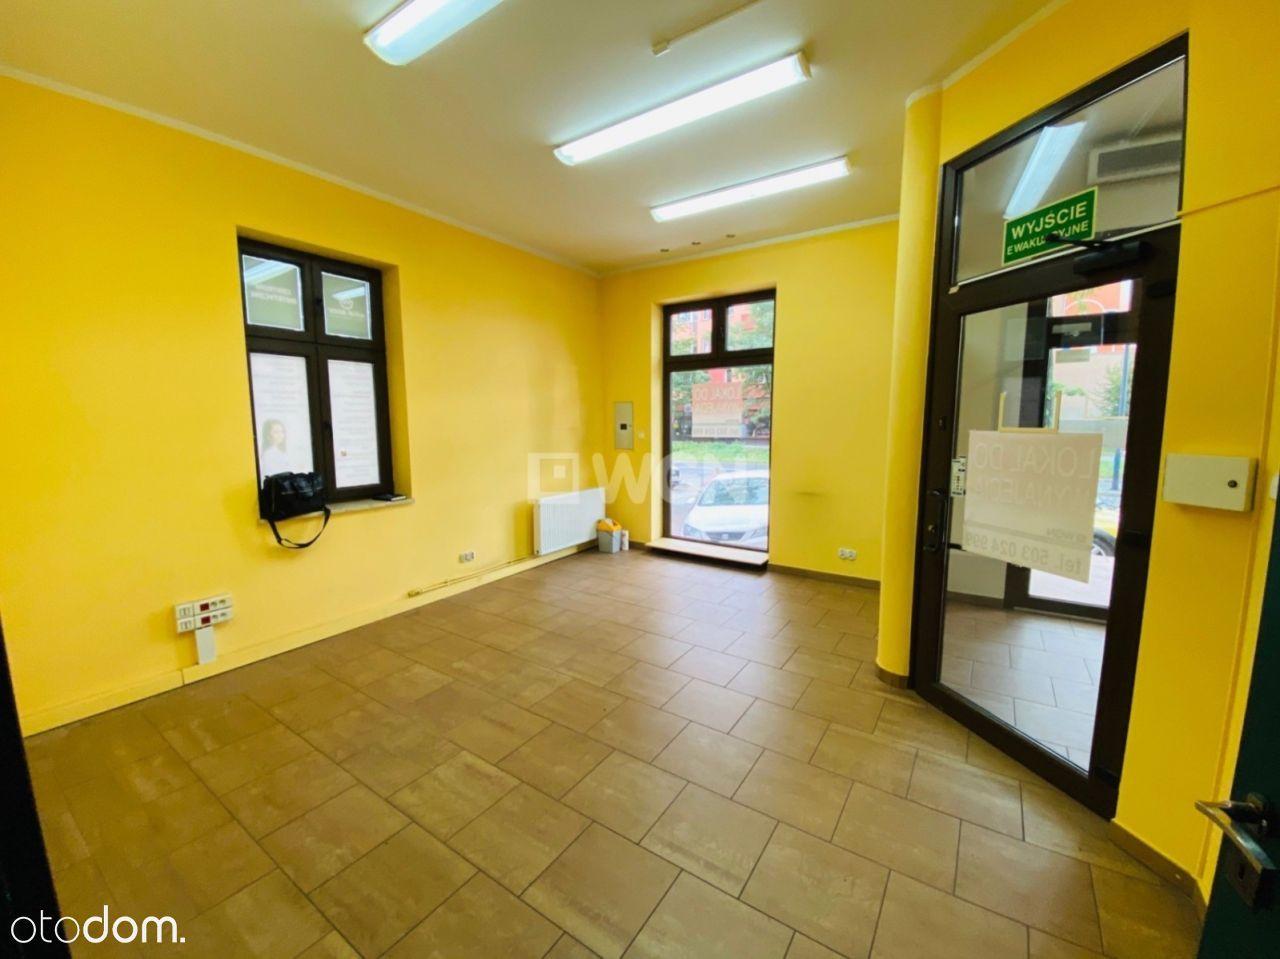 Lokal użytkowy, 55,53 m², Jaworzno